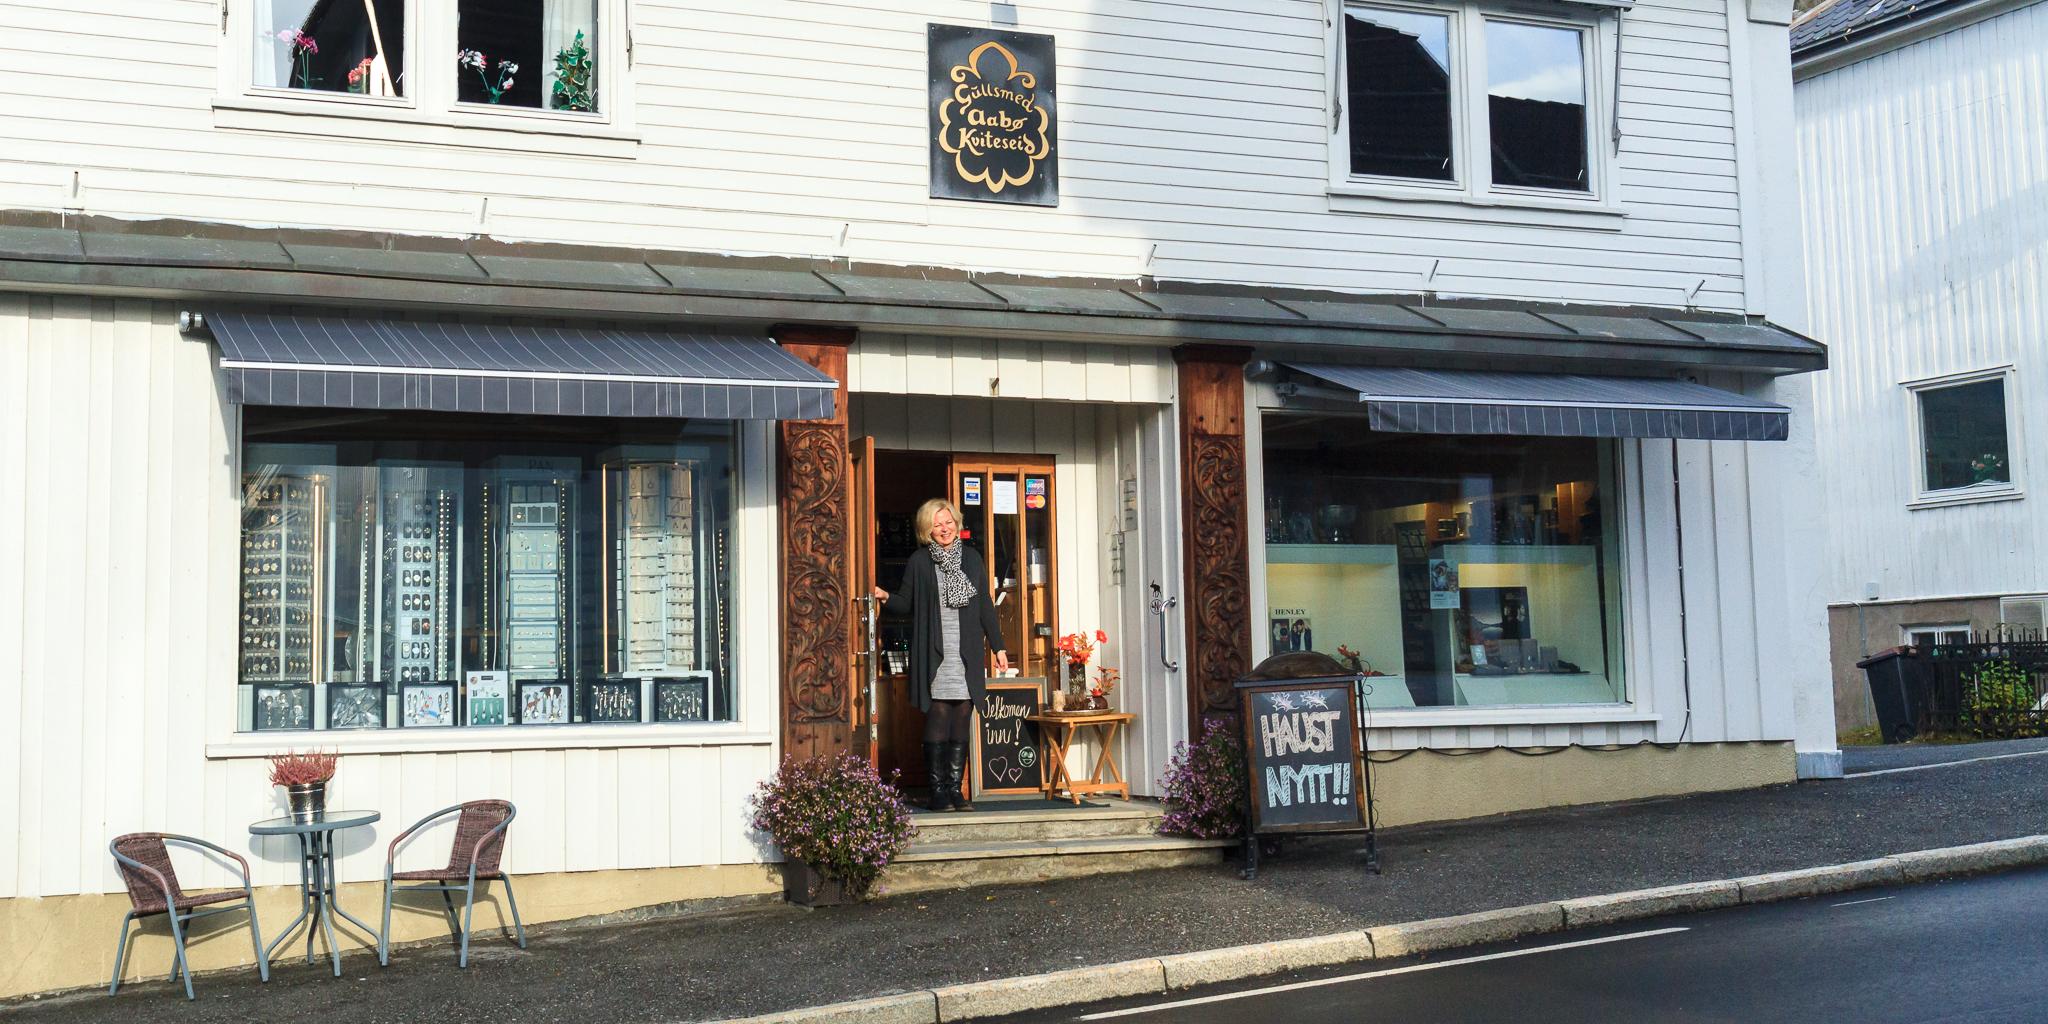 Fasaden til butikken til Gullsmed Aabø as i Kviteseid.